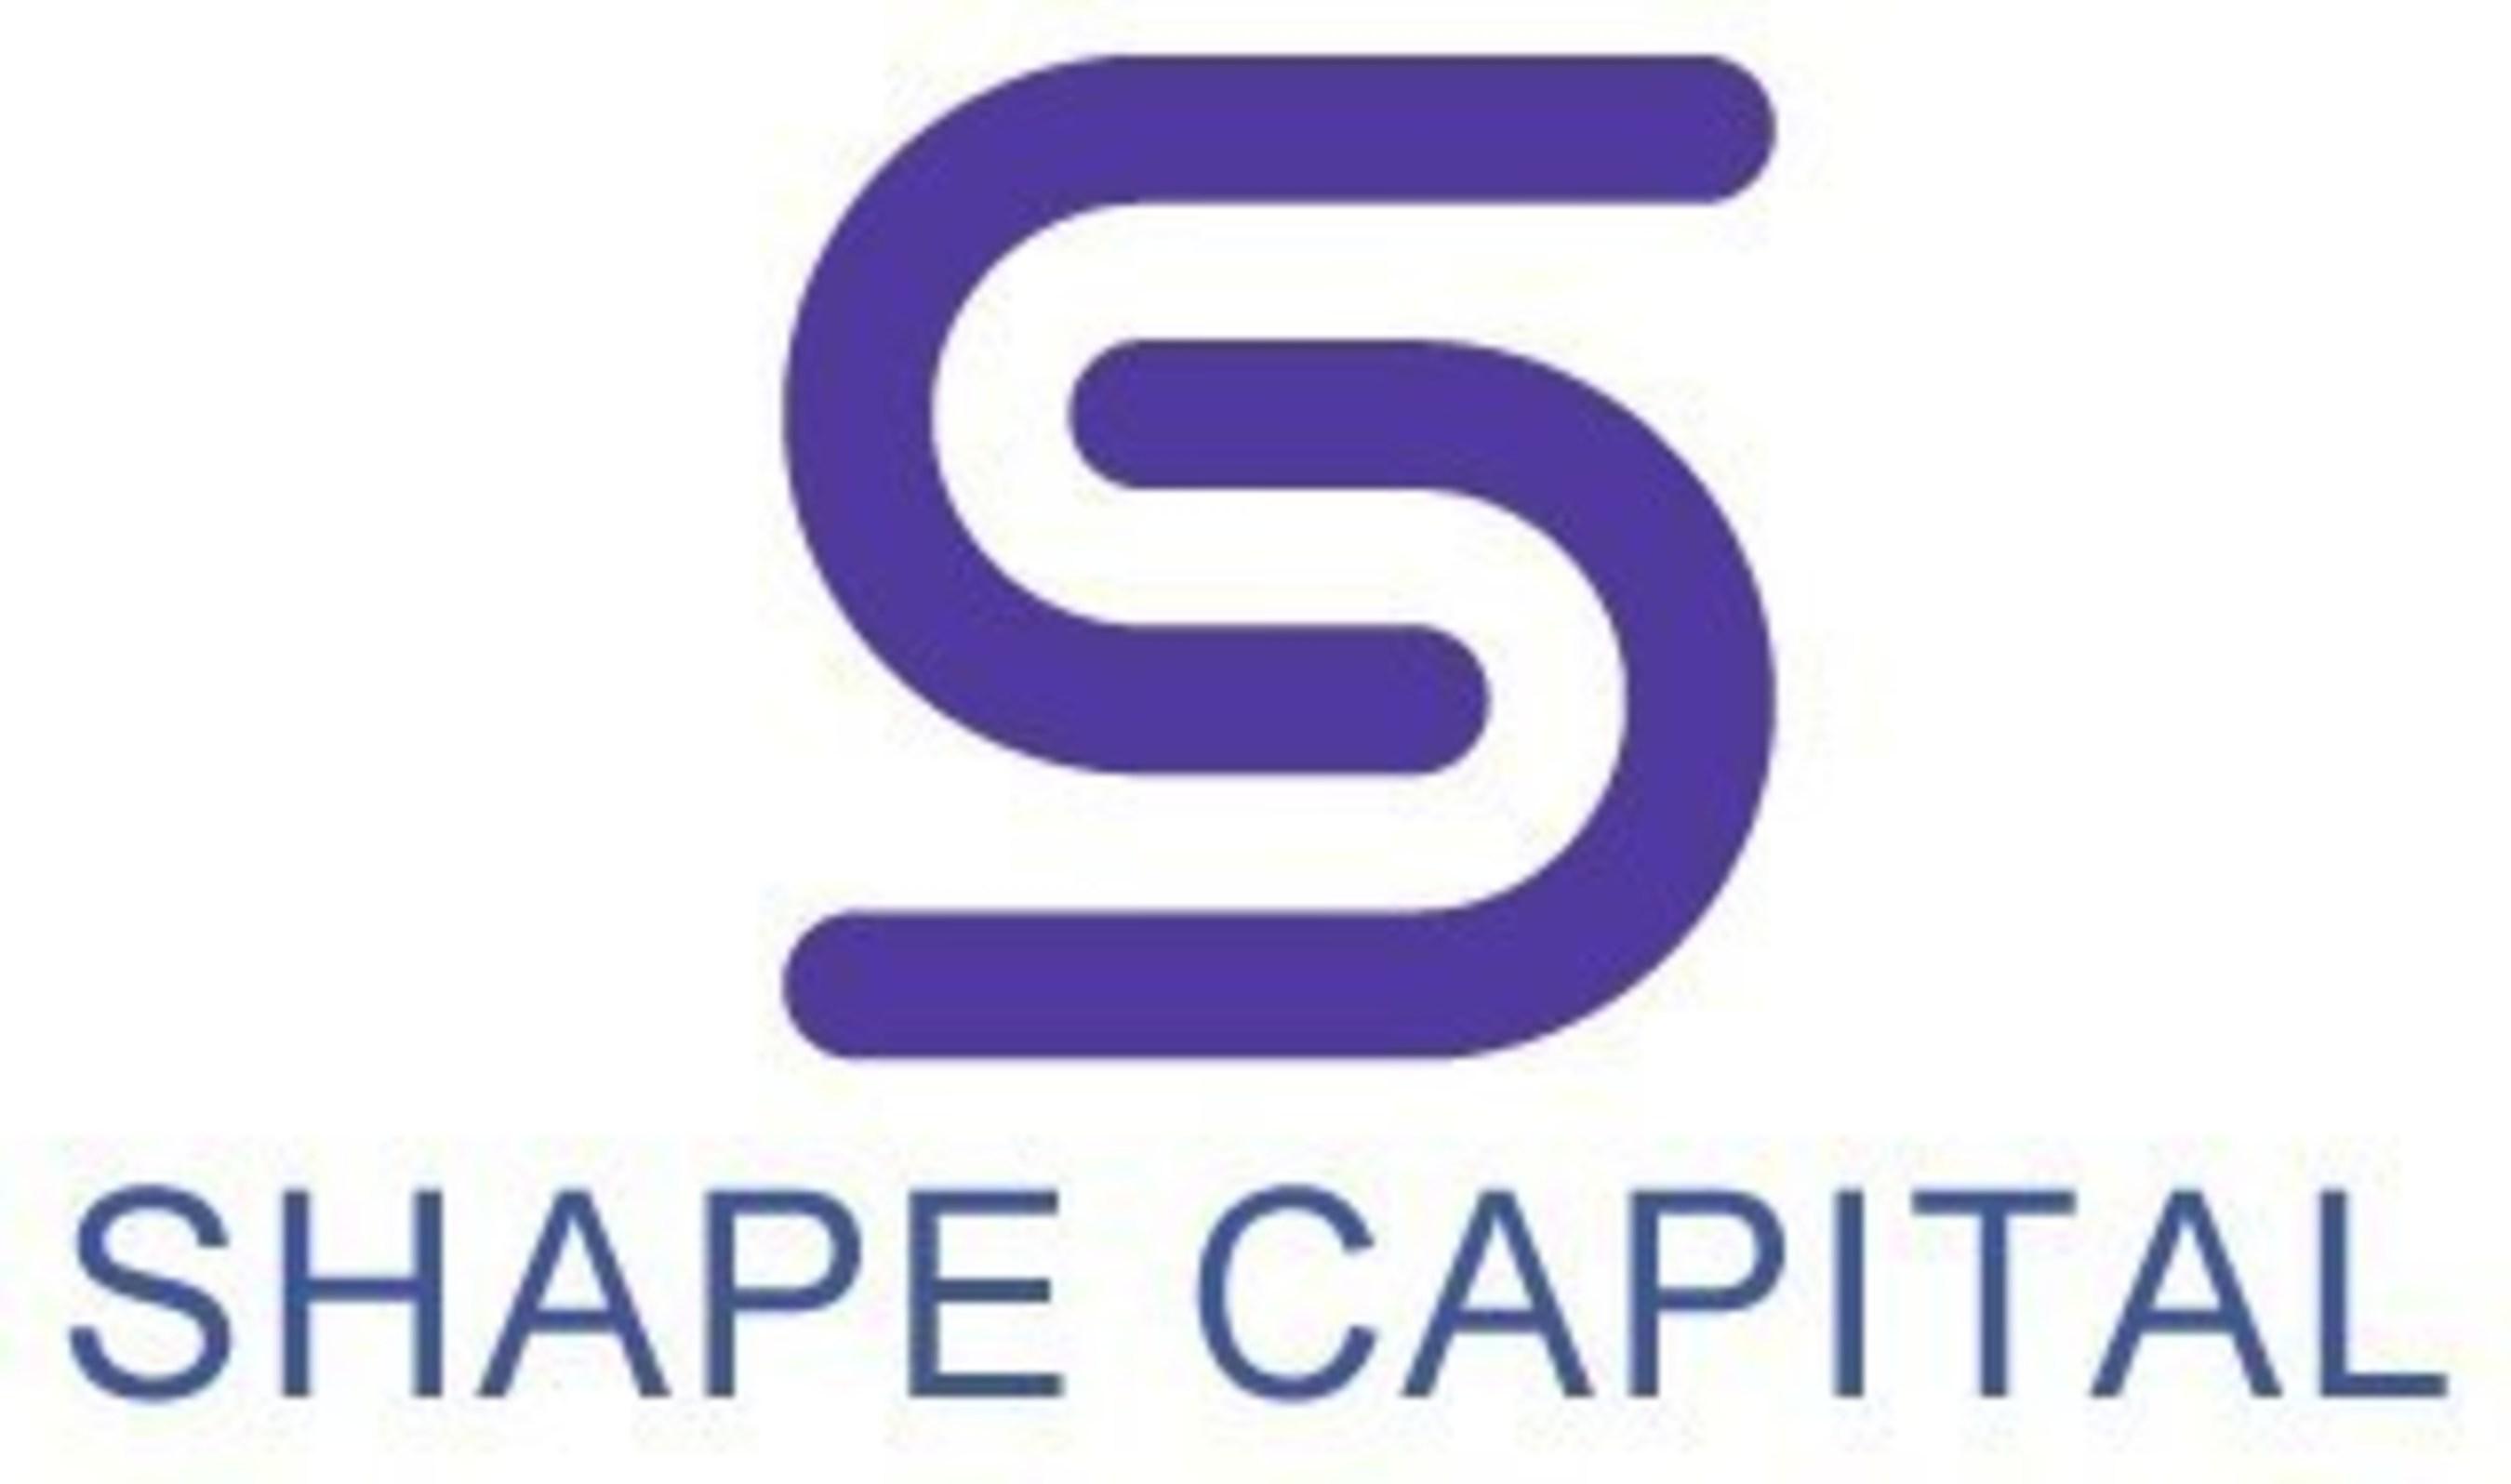 Capital shape